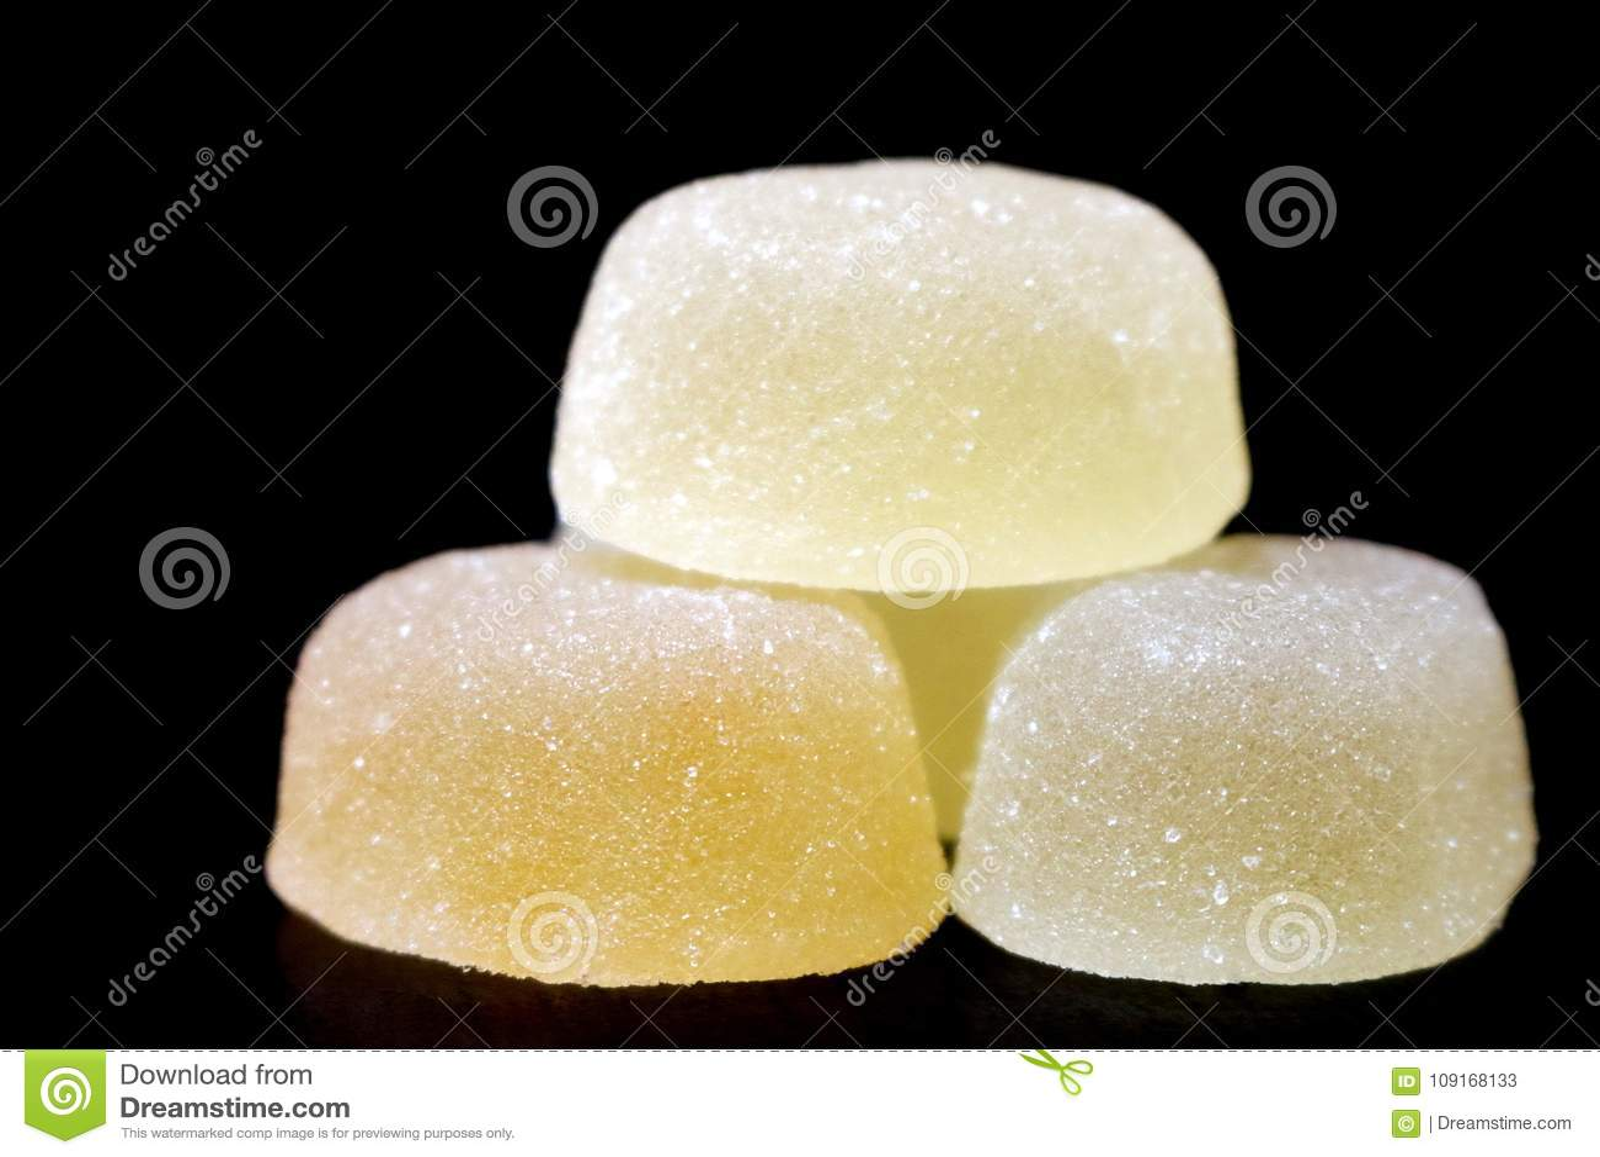 Marmalade Doce de fruta do fruto da pera Doce de fruta no açúcar Produto culinário Sobremesa delicacy Gosto delicado